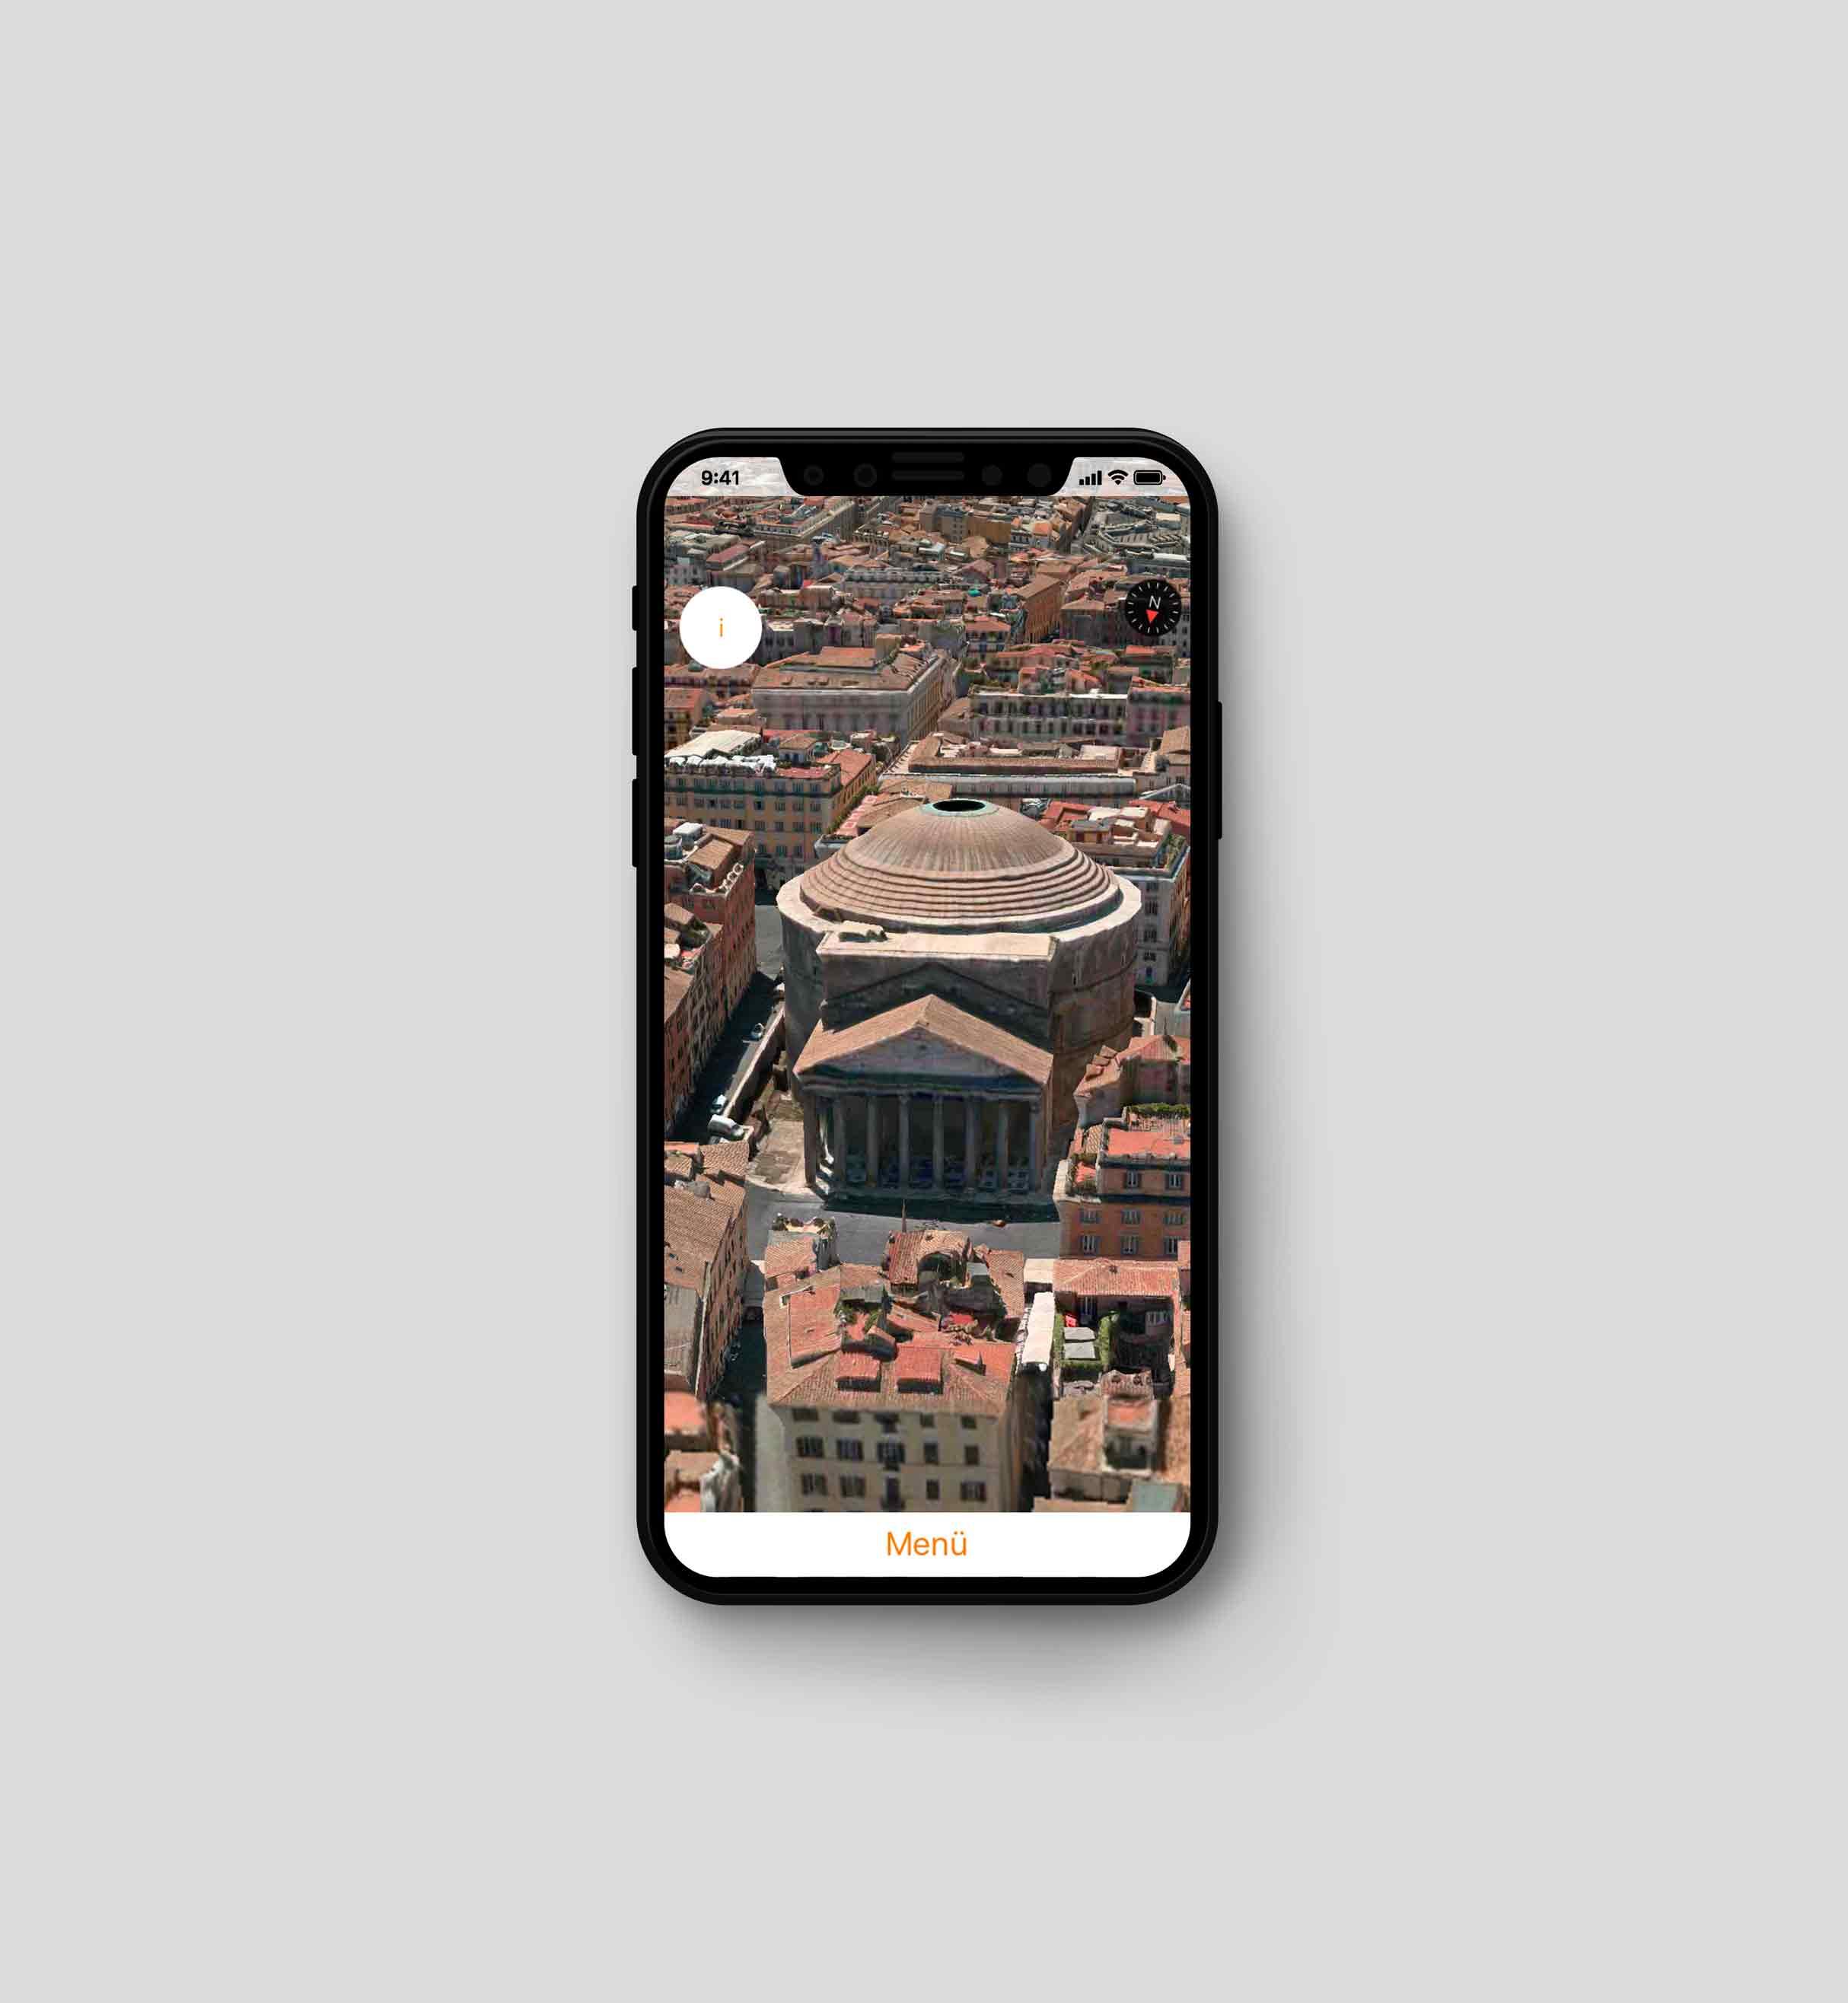 Standbild vom Pantheon in Rom aus der virtuellen Reise App take5 von Laura Berger